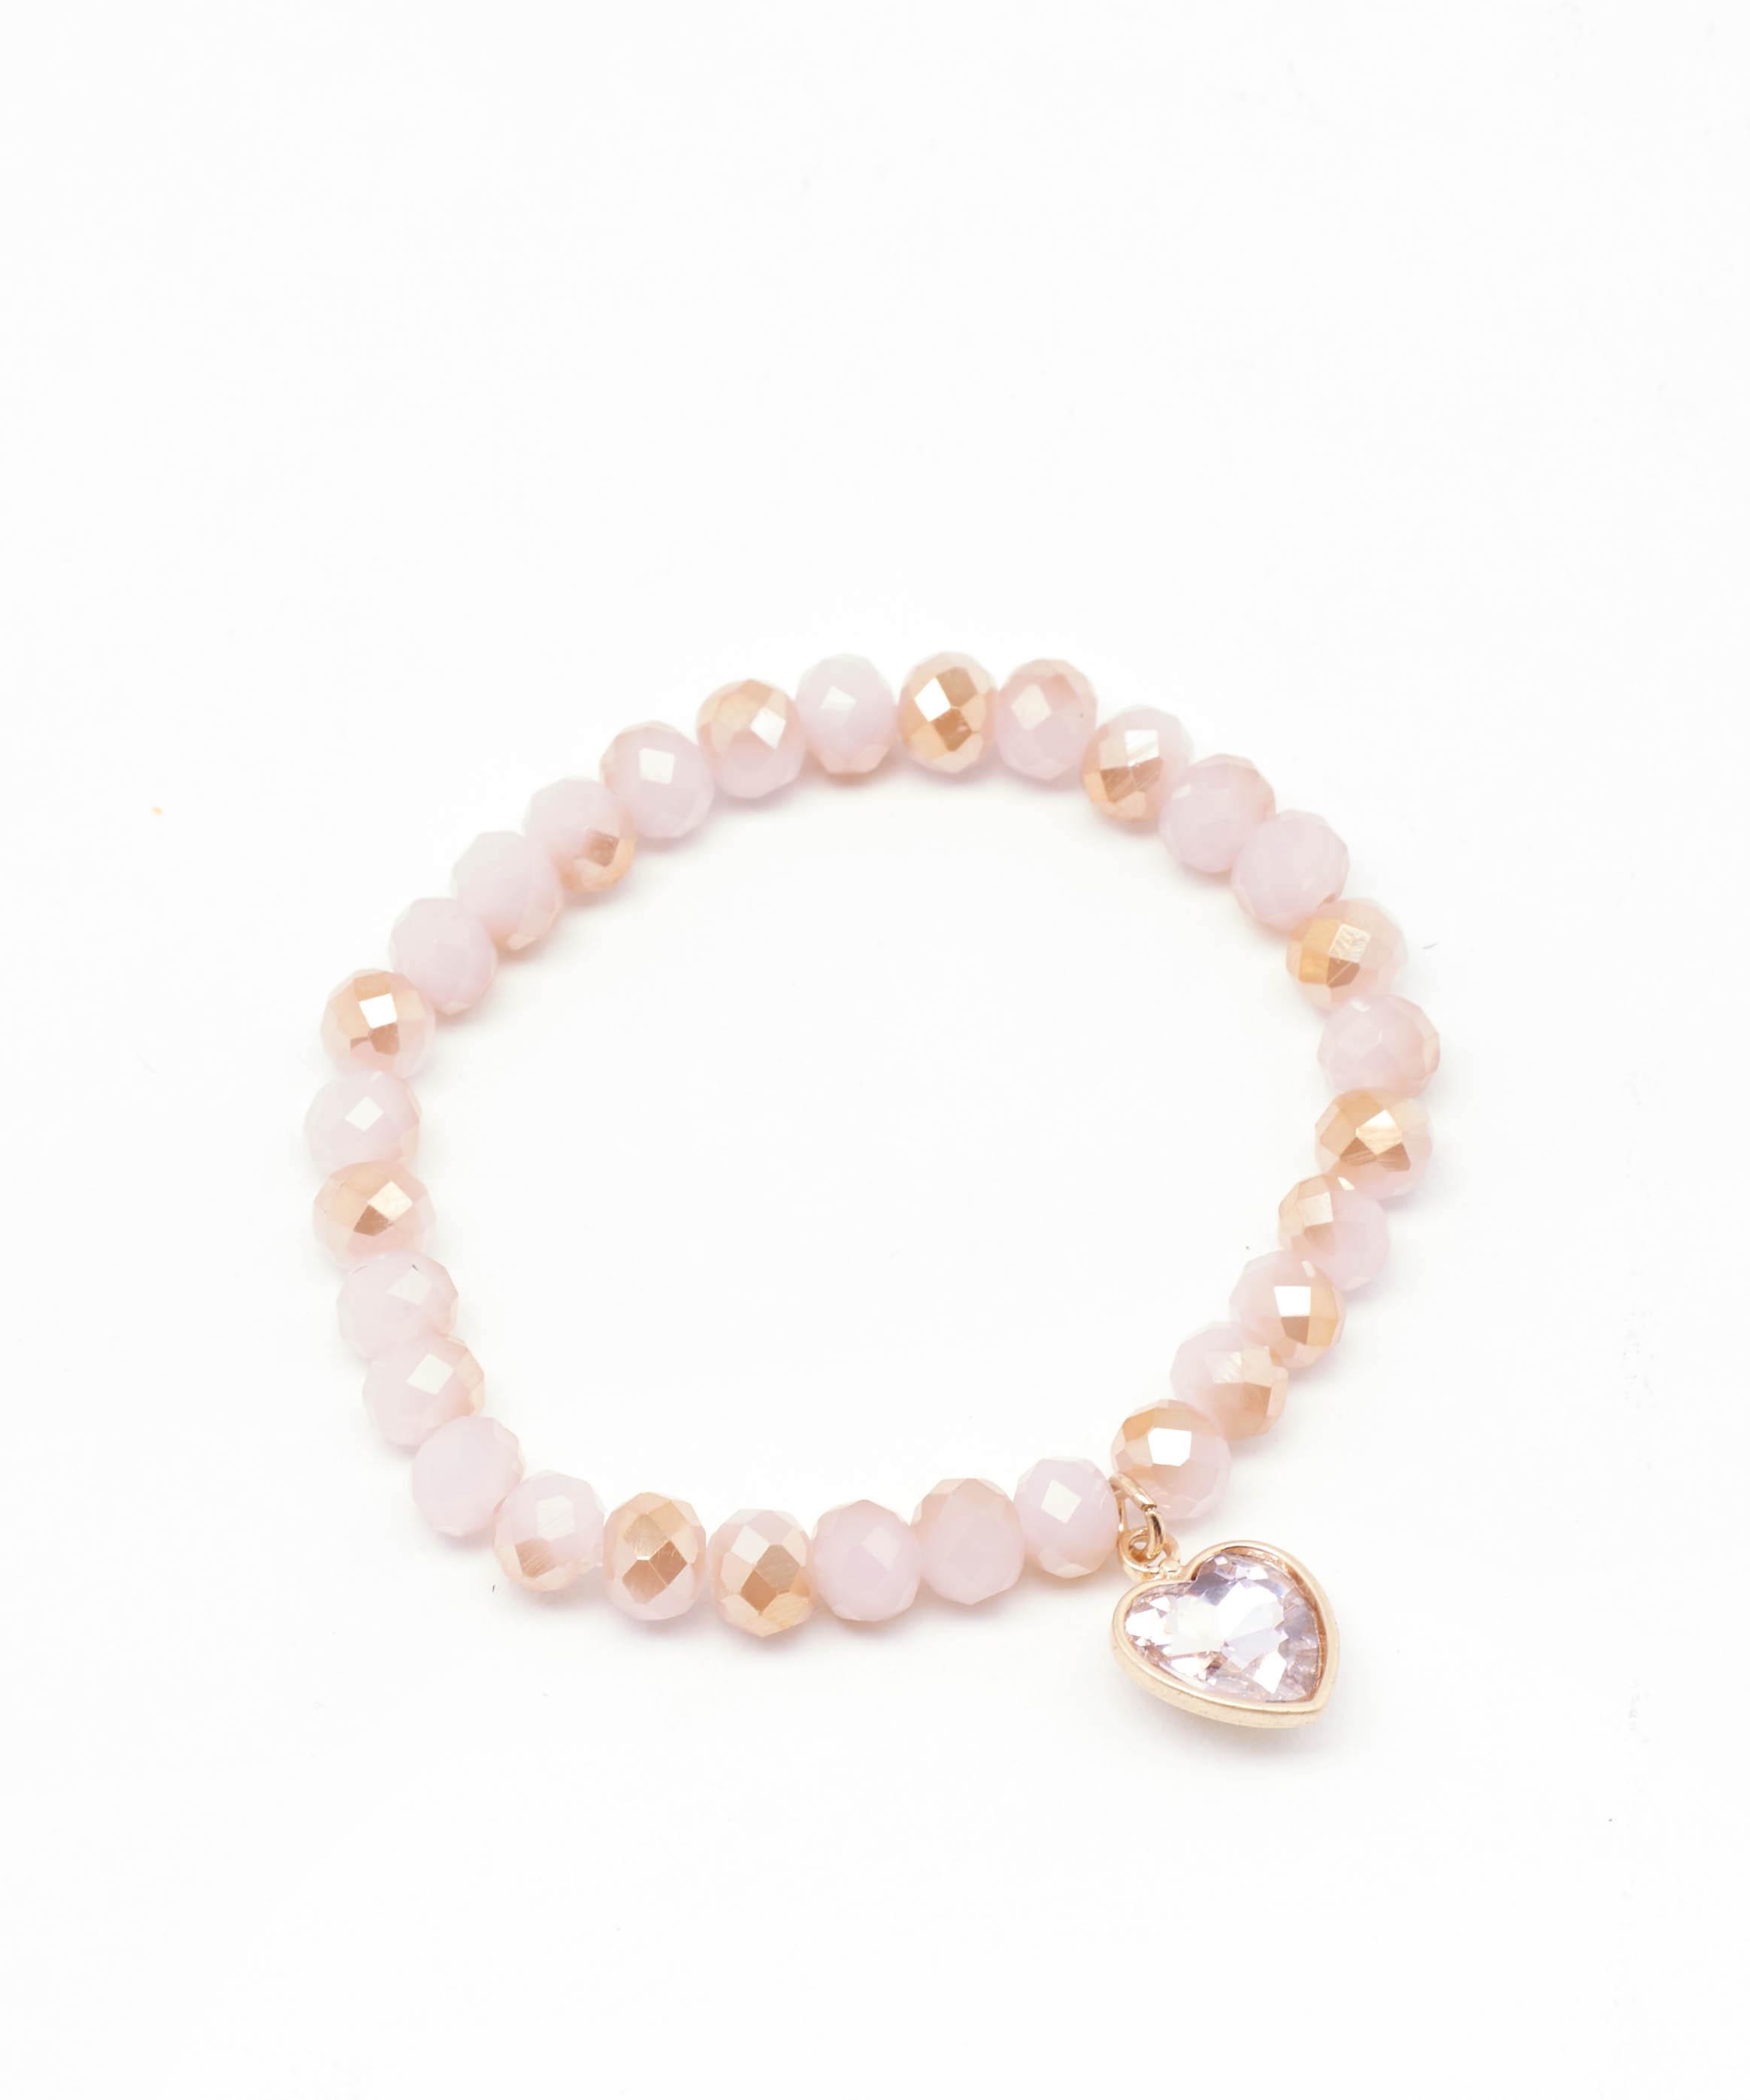 Bijoux Femme - Bracelet Rose Jina - Sl222-8202